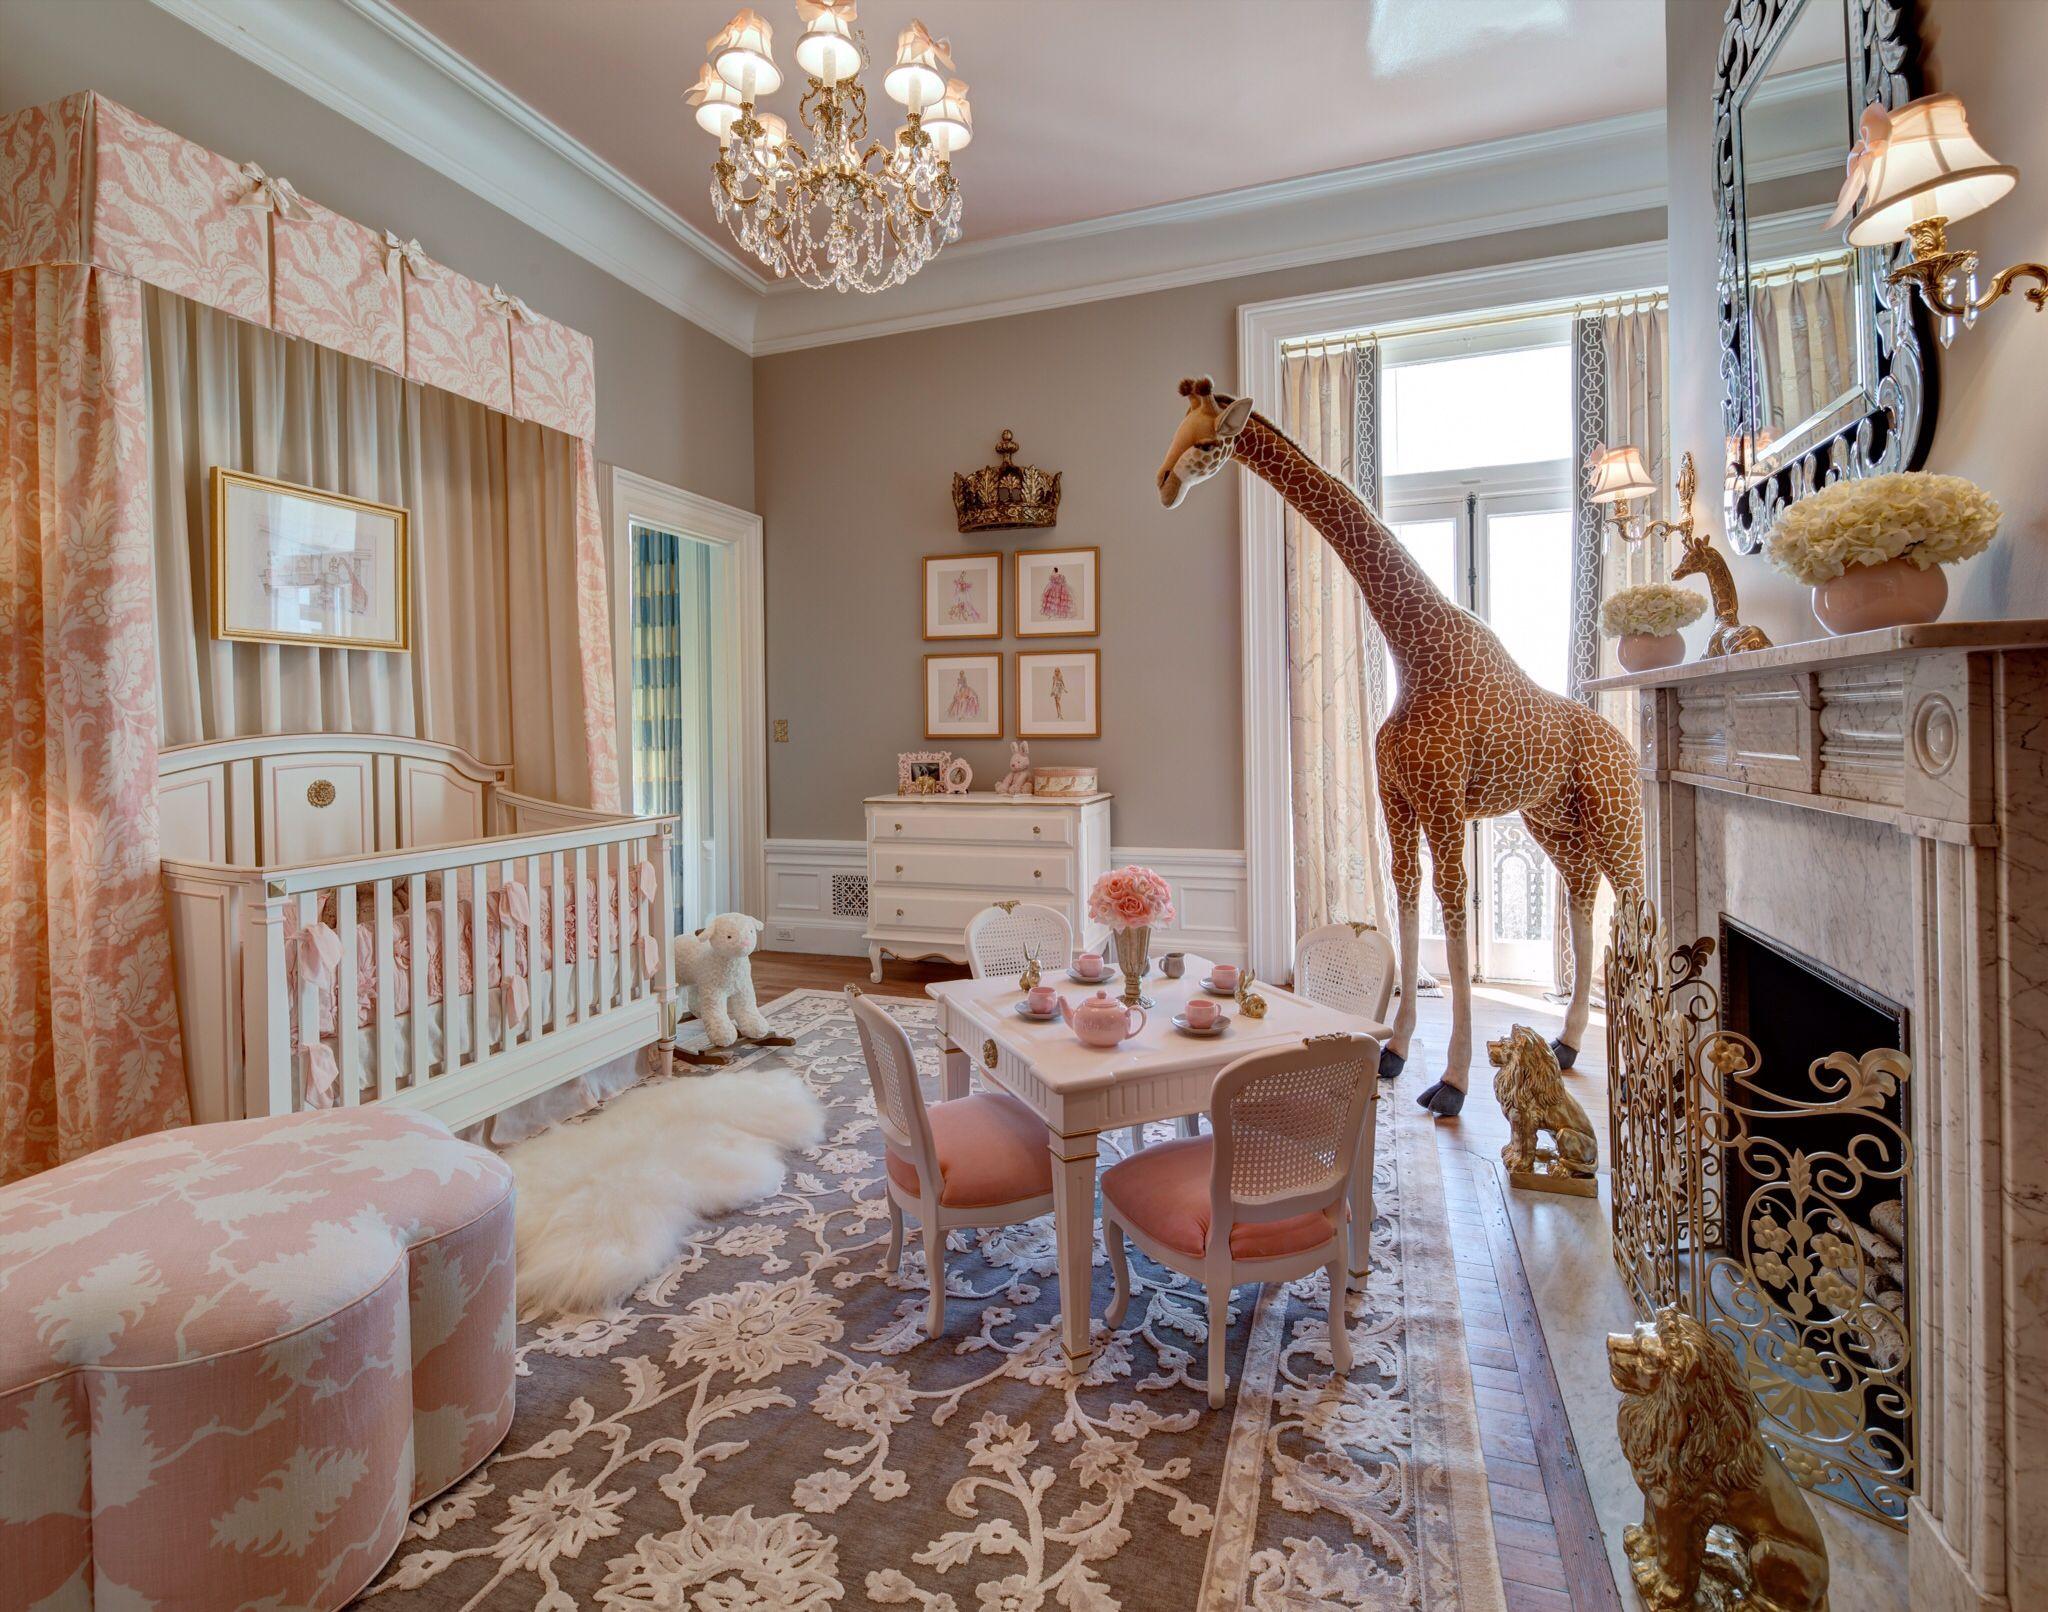 girls nursery design by kristin ashley interiors for the mansion  - girls nursery design by kristin ashley interiors for the mansion in may at blairsden